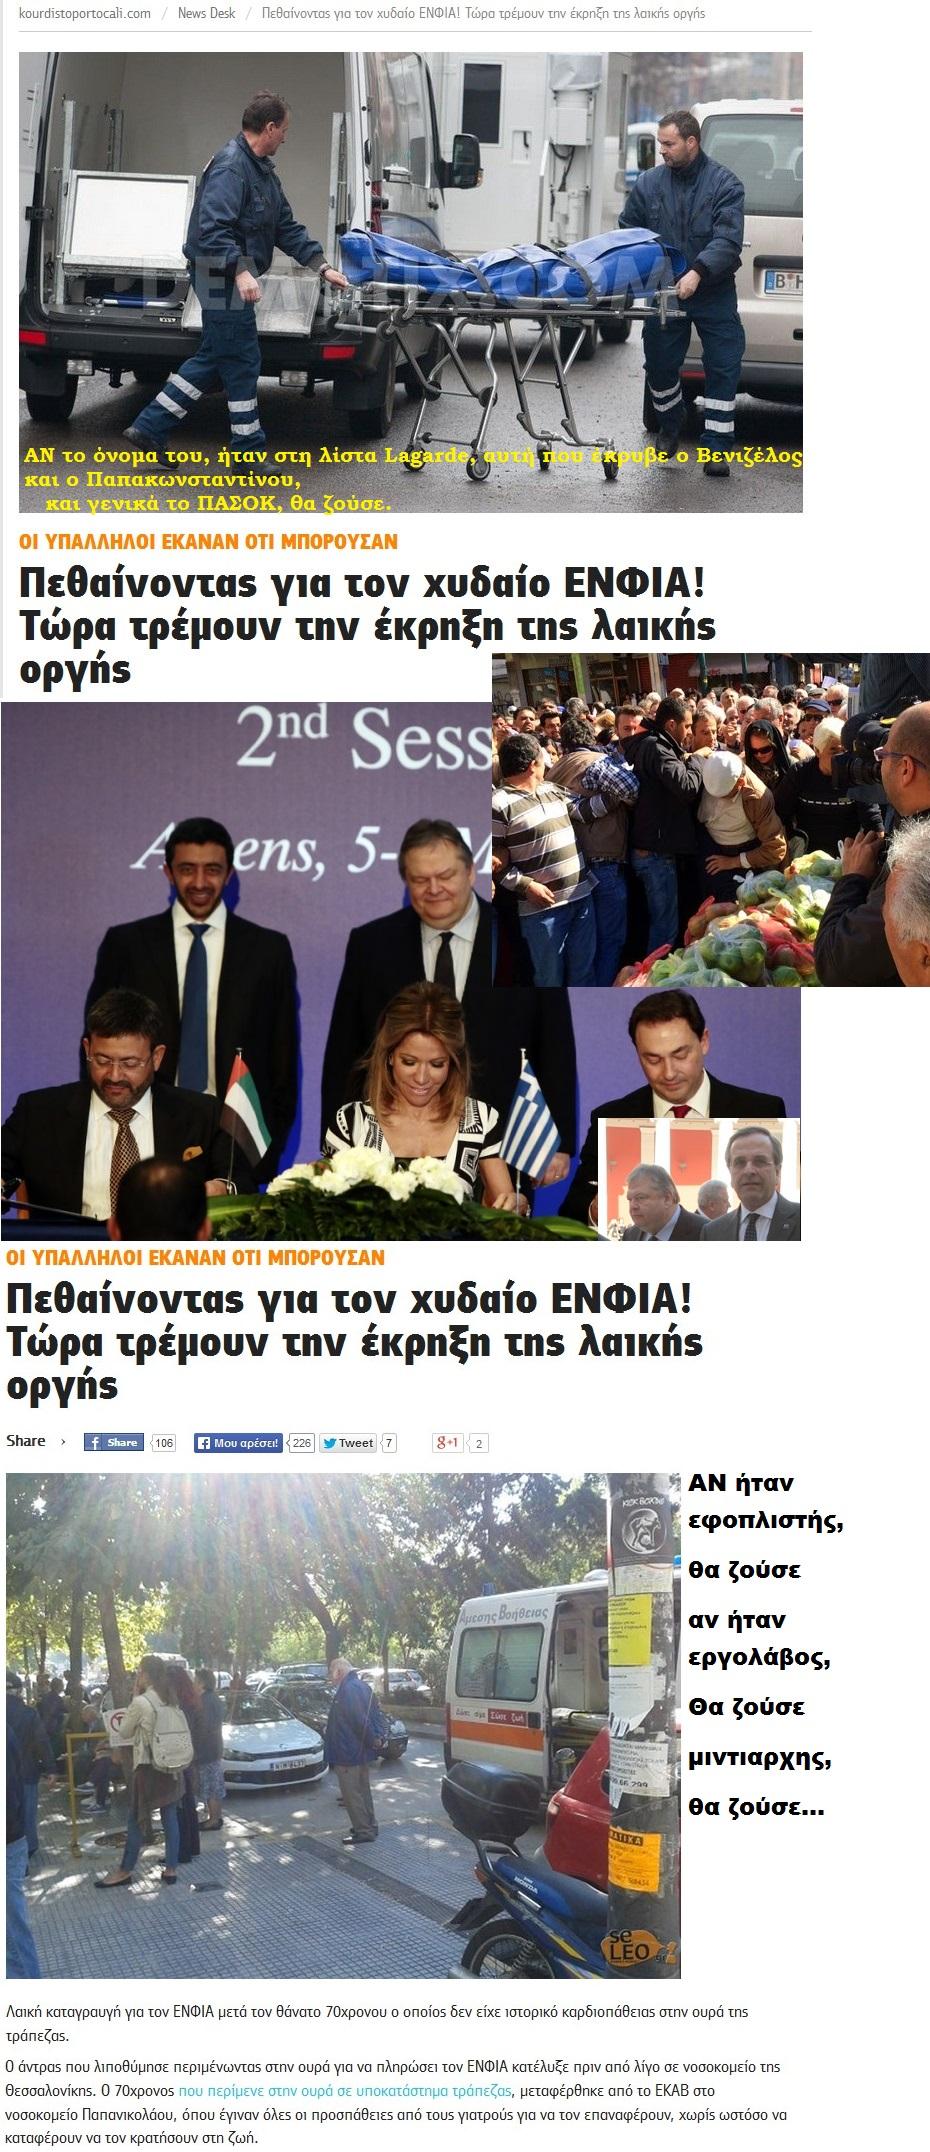 ELLADA ENFIA NEKROS VENIZELOS 01 011014